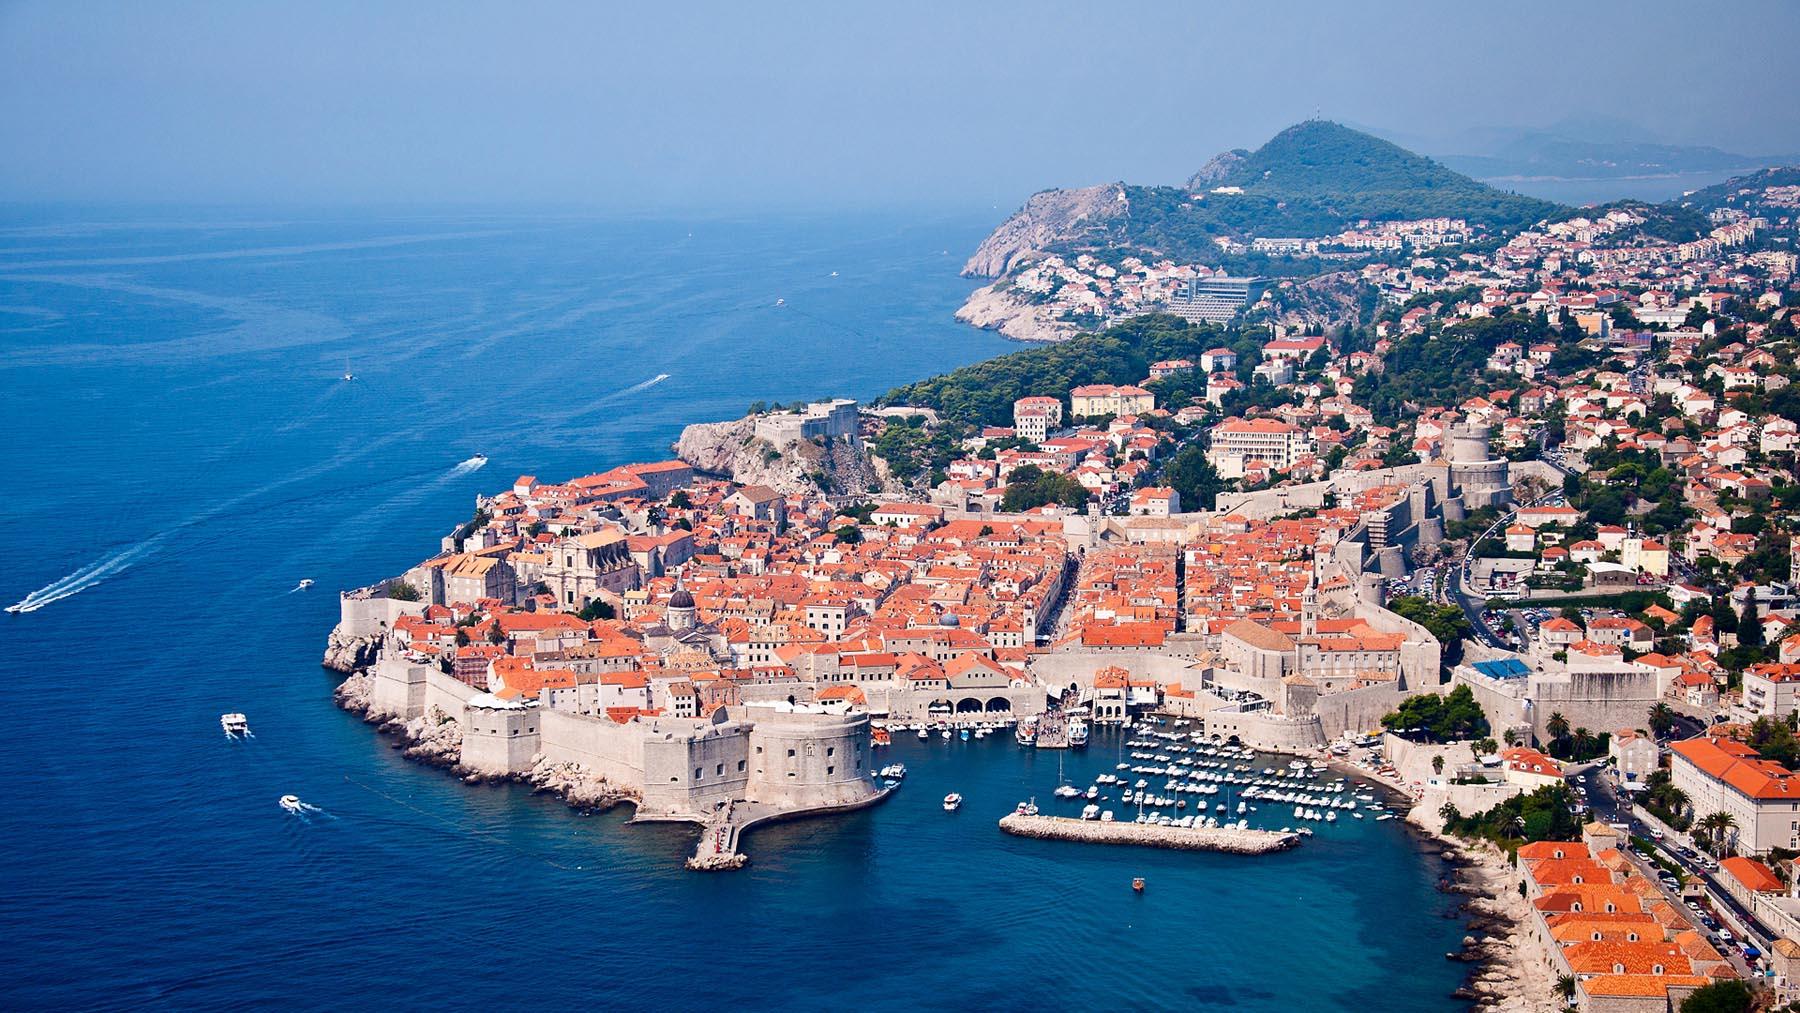 Croatia Sailing Destinations - Dubrovnik